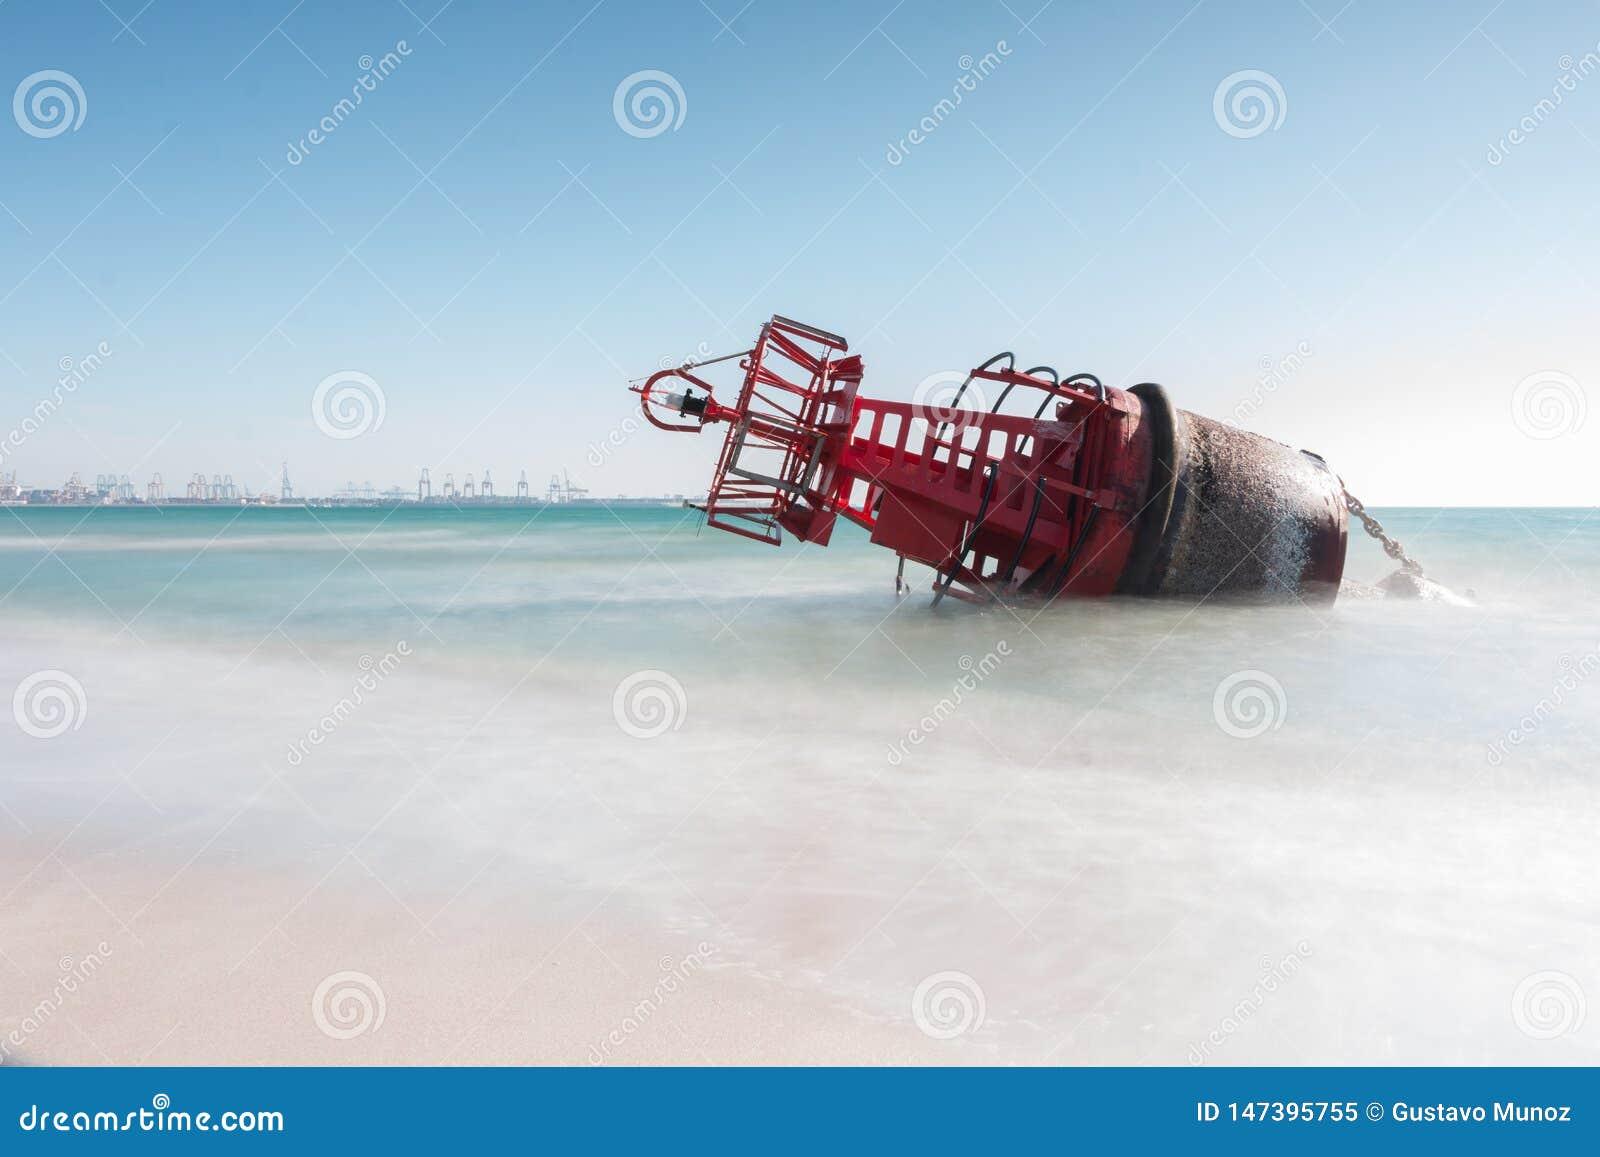 Een navigatieboei liep op het strand vast door de sterke stromen van een onweer met een lange expositie voor een zijdeeffect